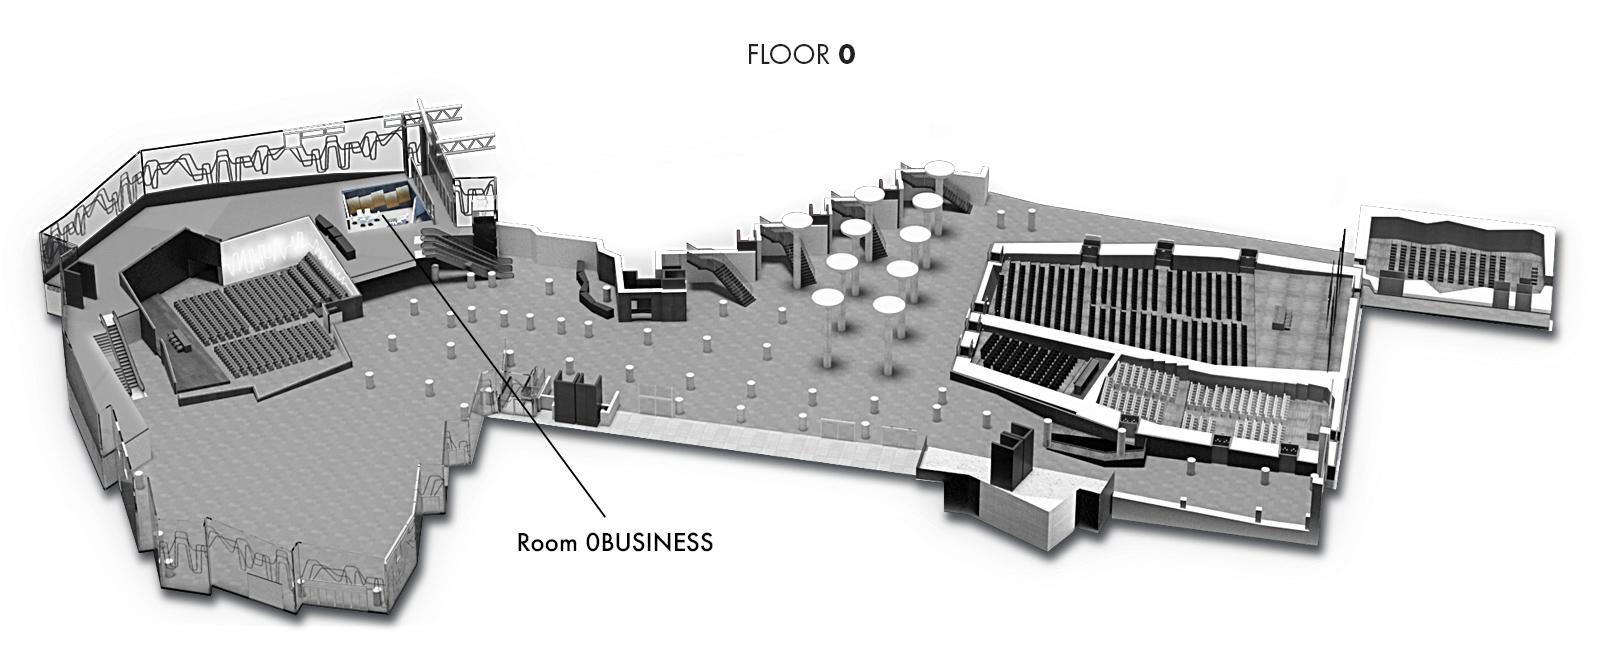 Room 0BUSINESS, Floor 0 | Palacio Euskalduna Jauregia